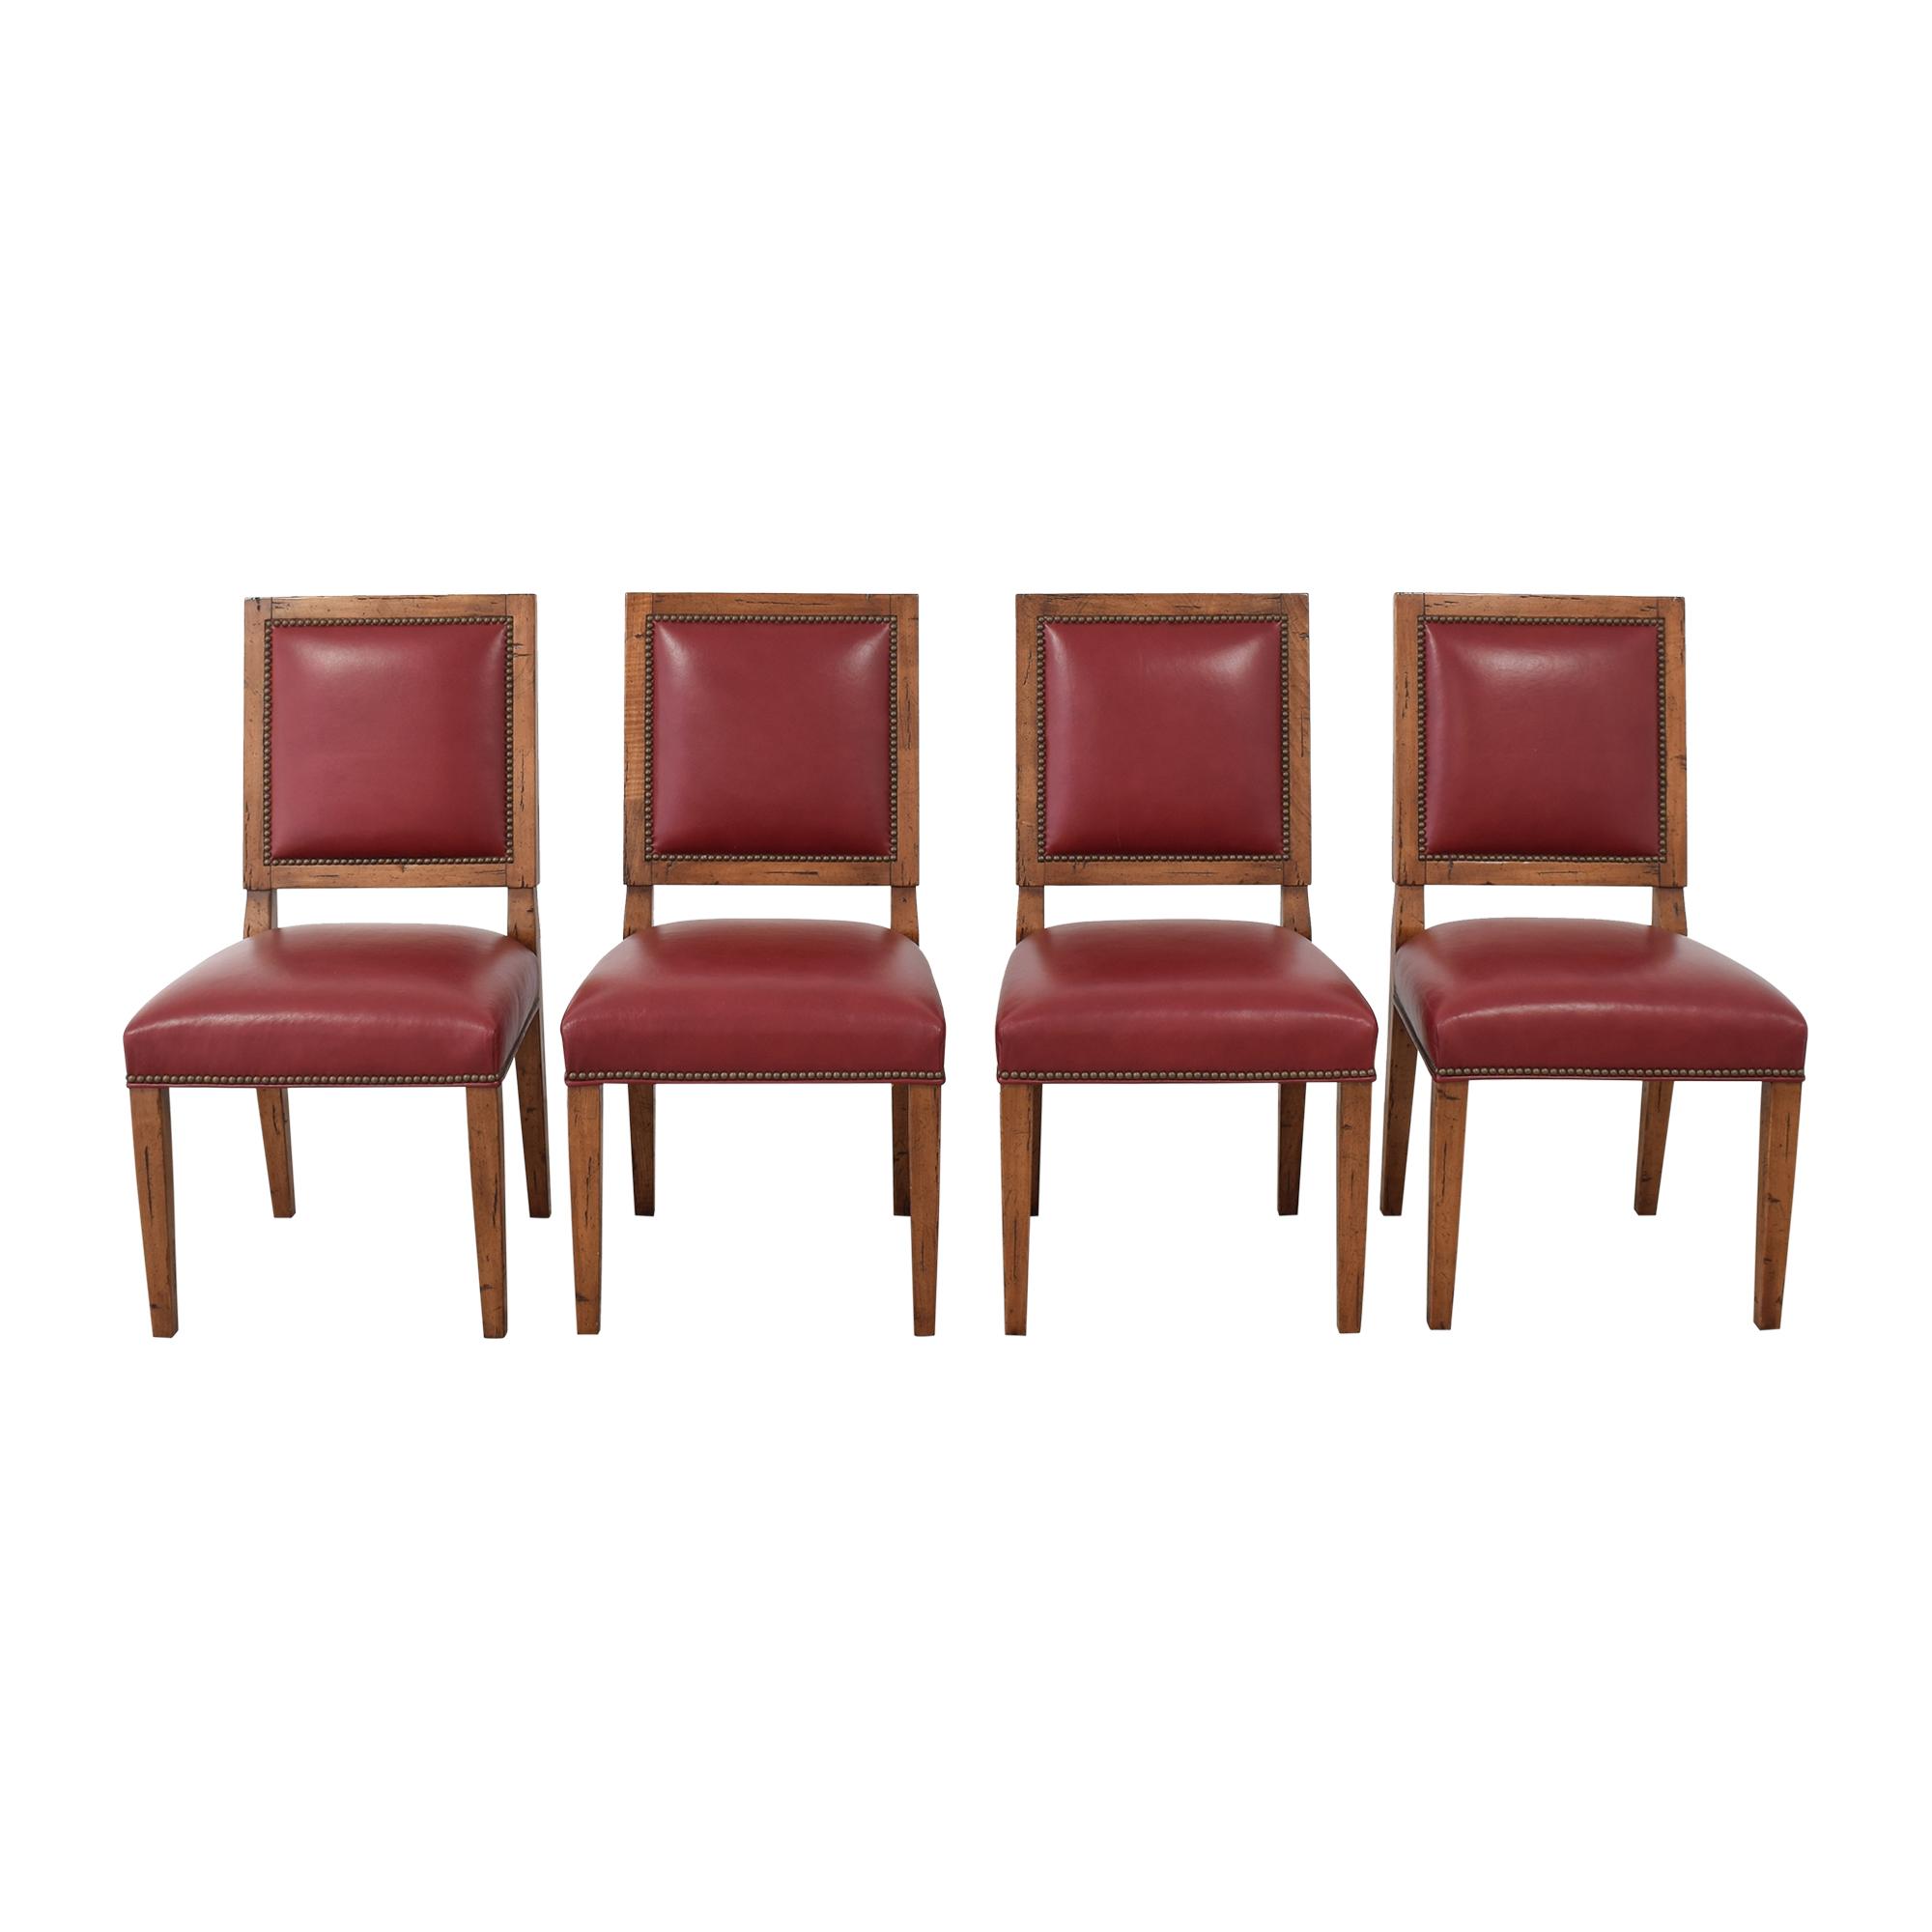 Kravet Kravet Mercer Dining Chairs price